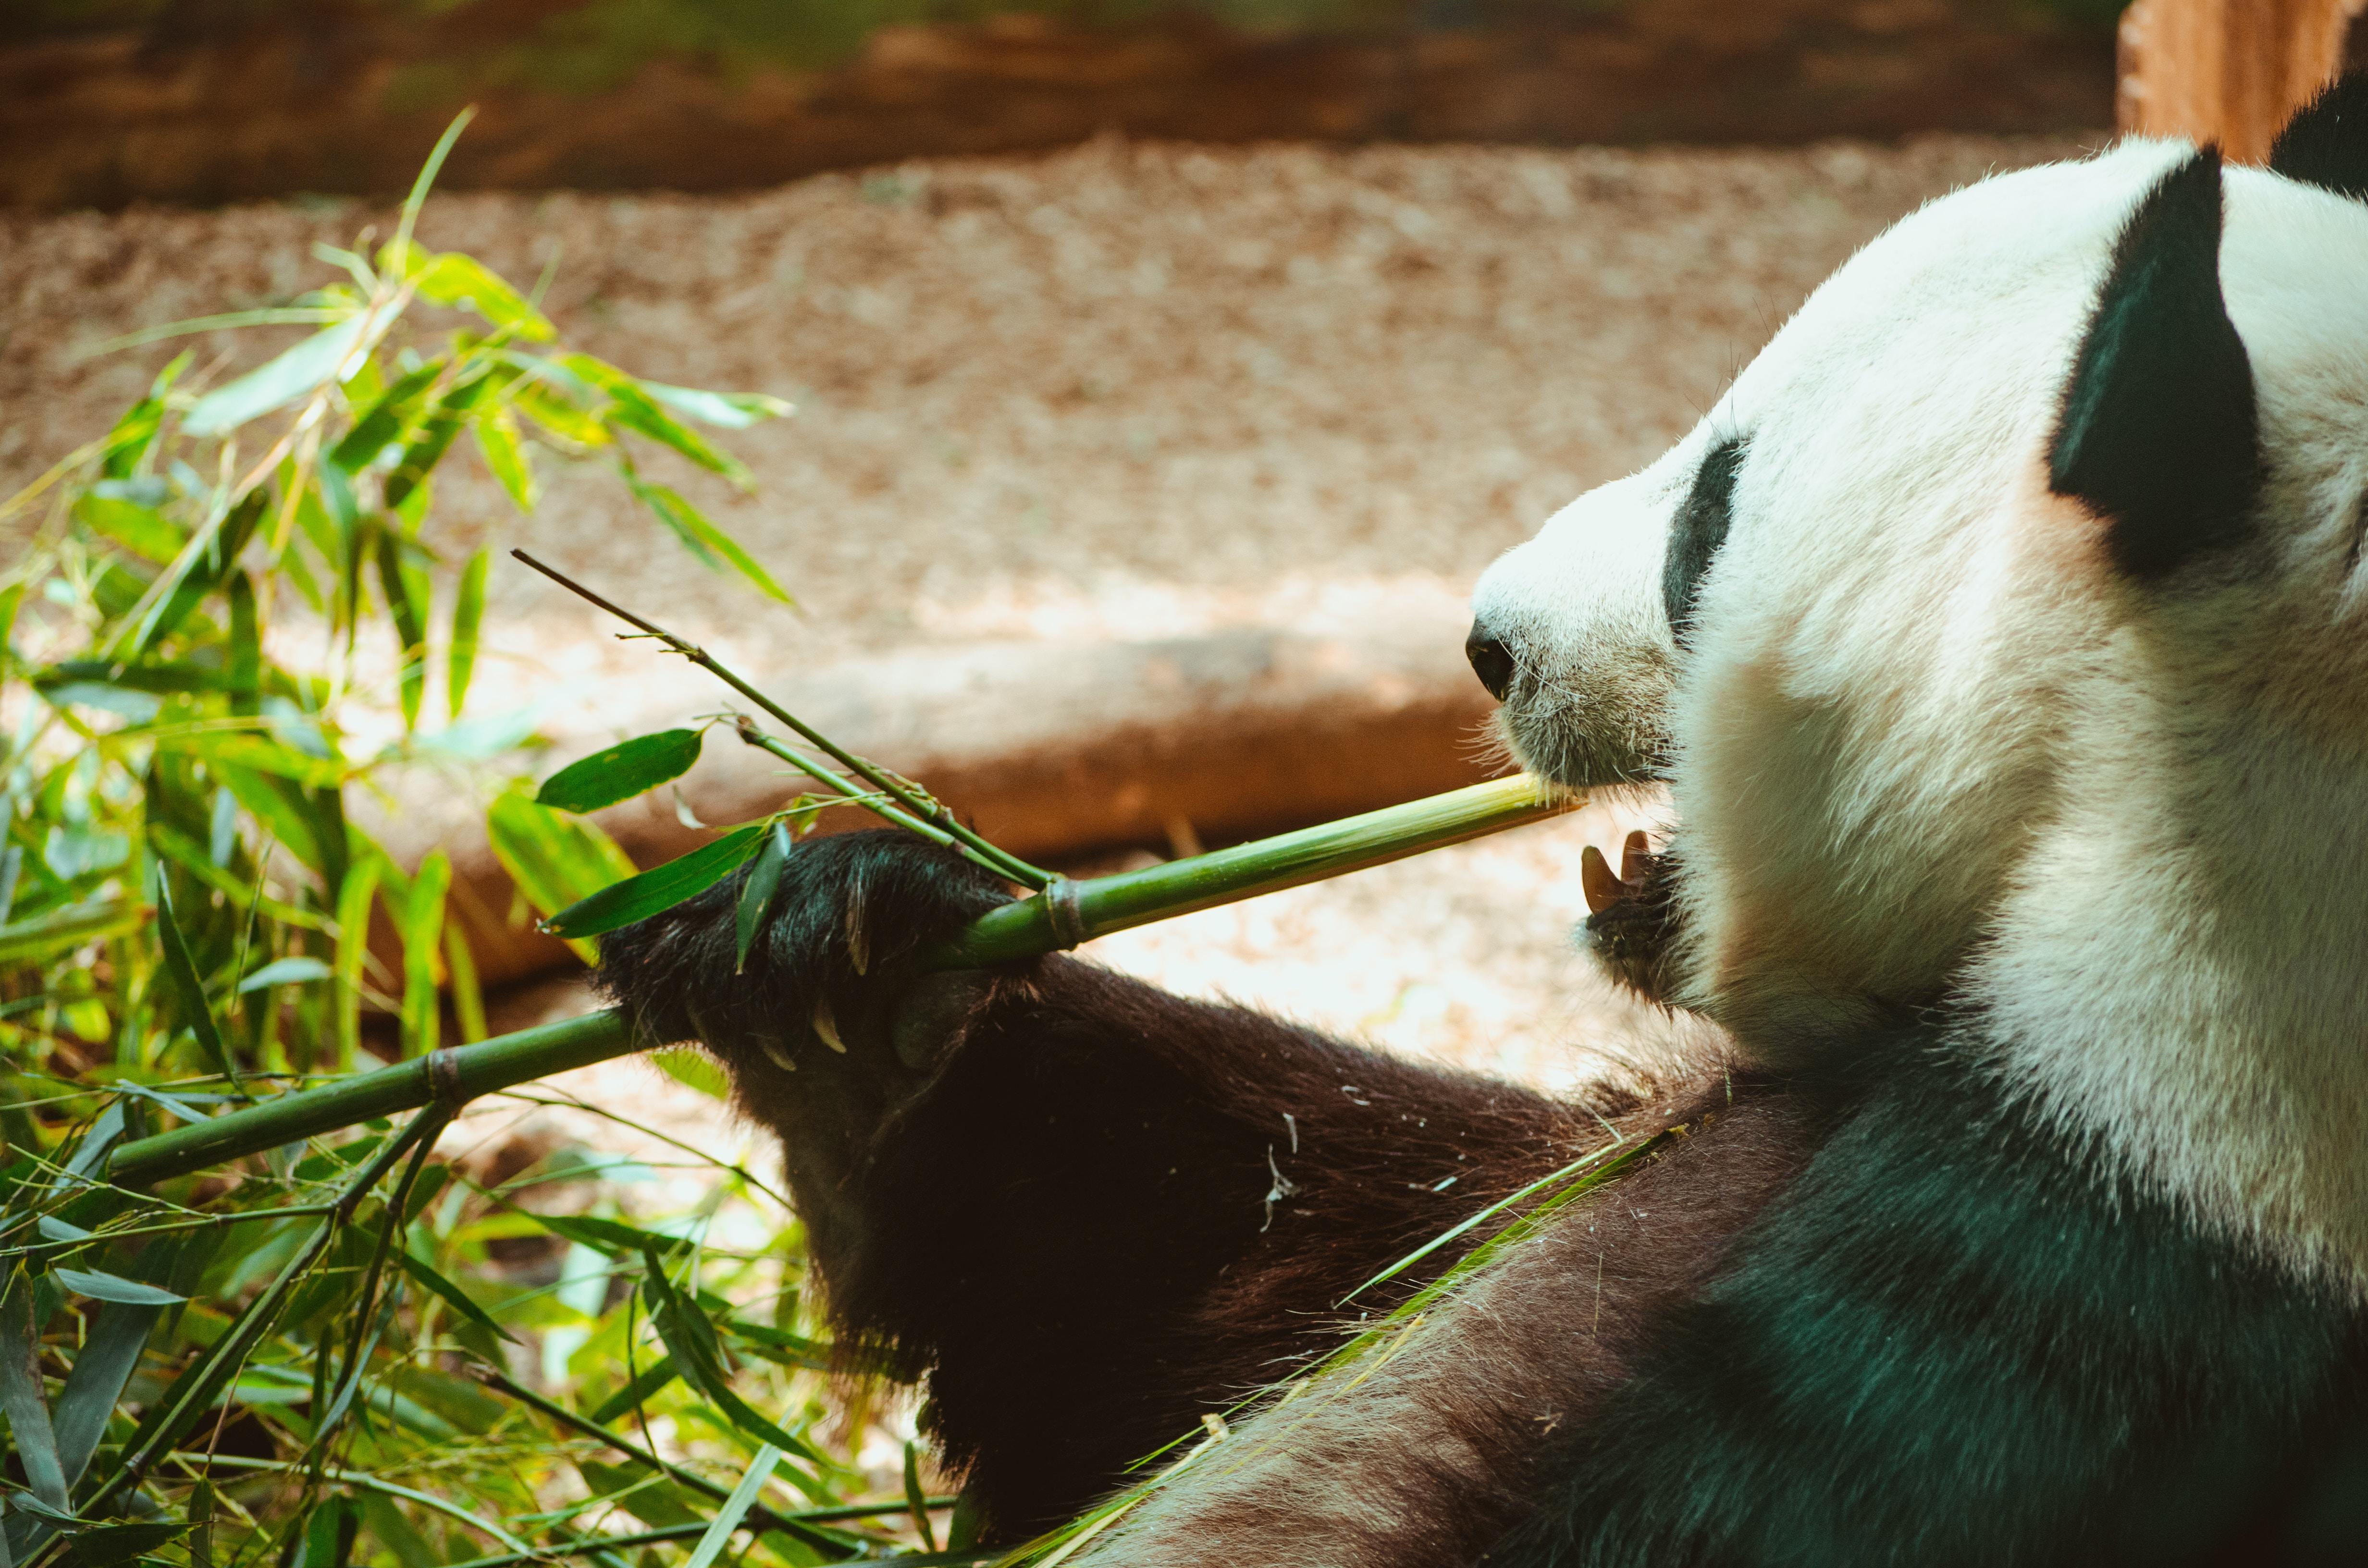 panda holding bamboo stick